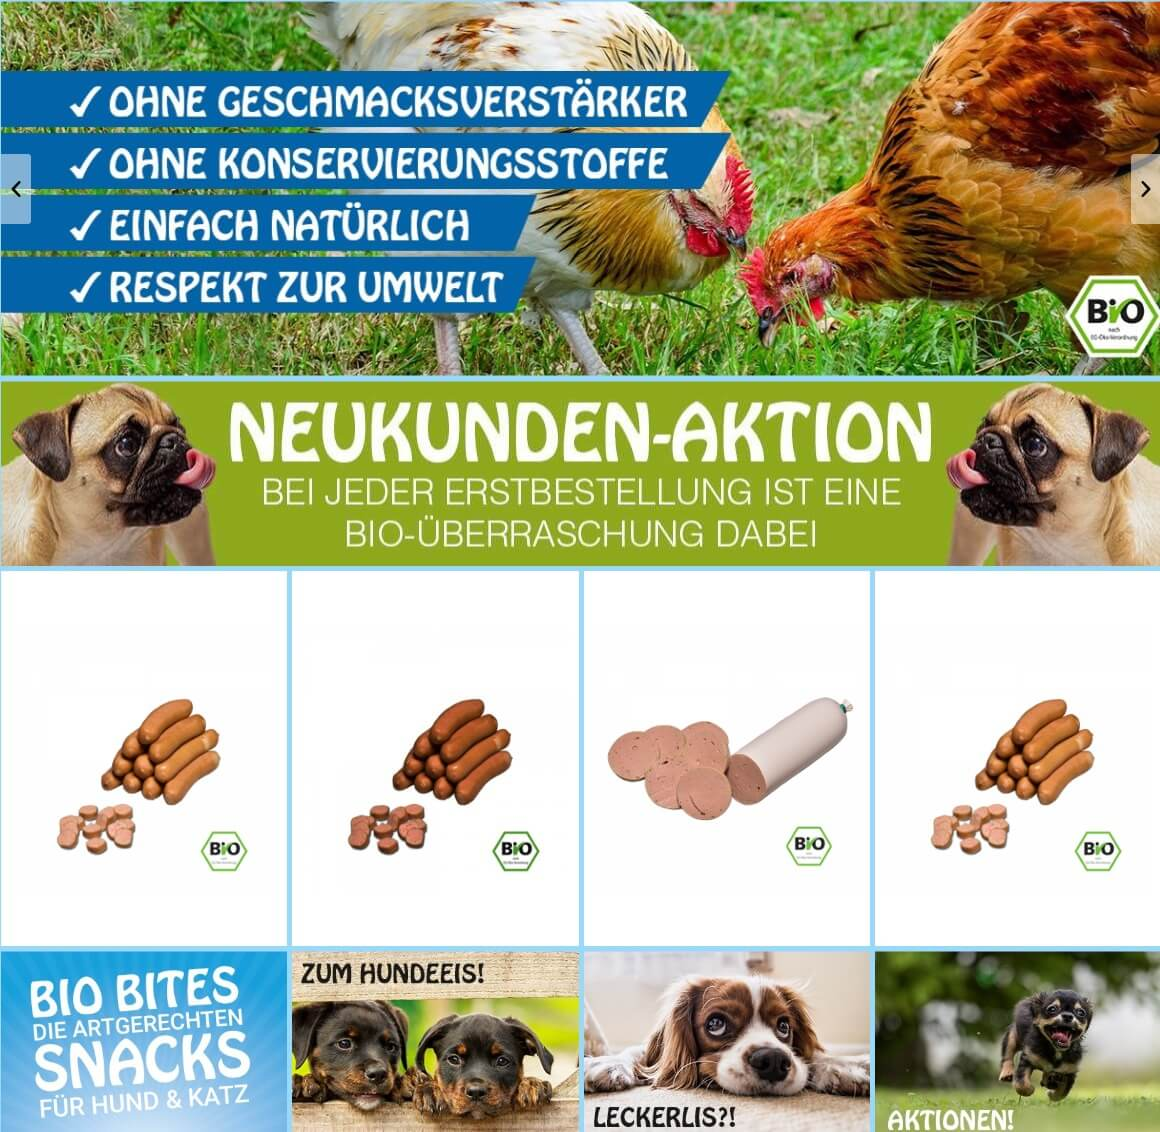 Image of Hochwertige Bio Snacks für Hunde: Hundewurst von Cold & Dog